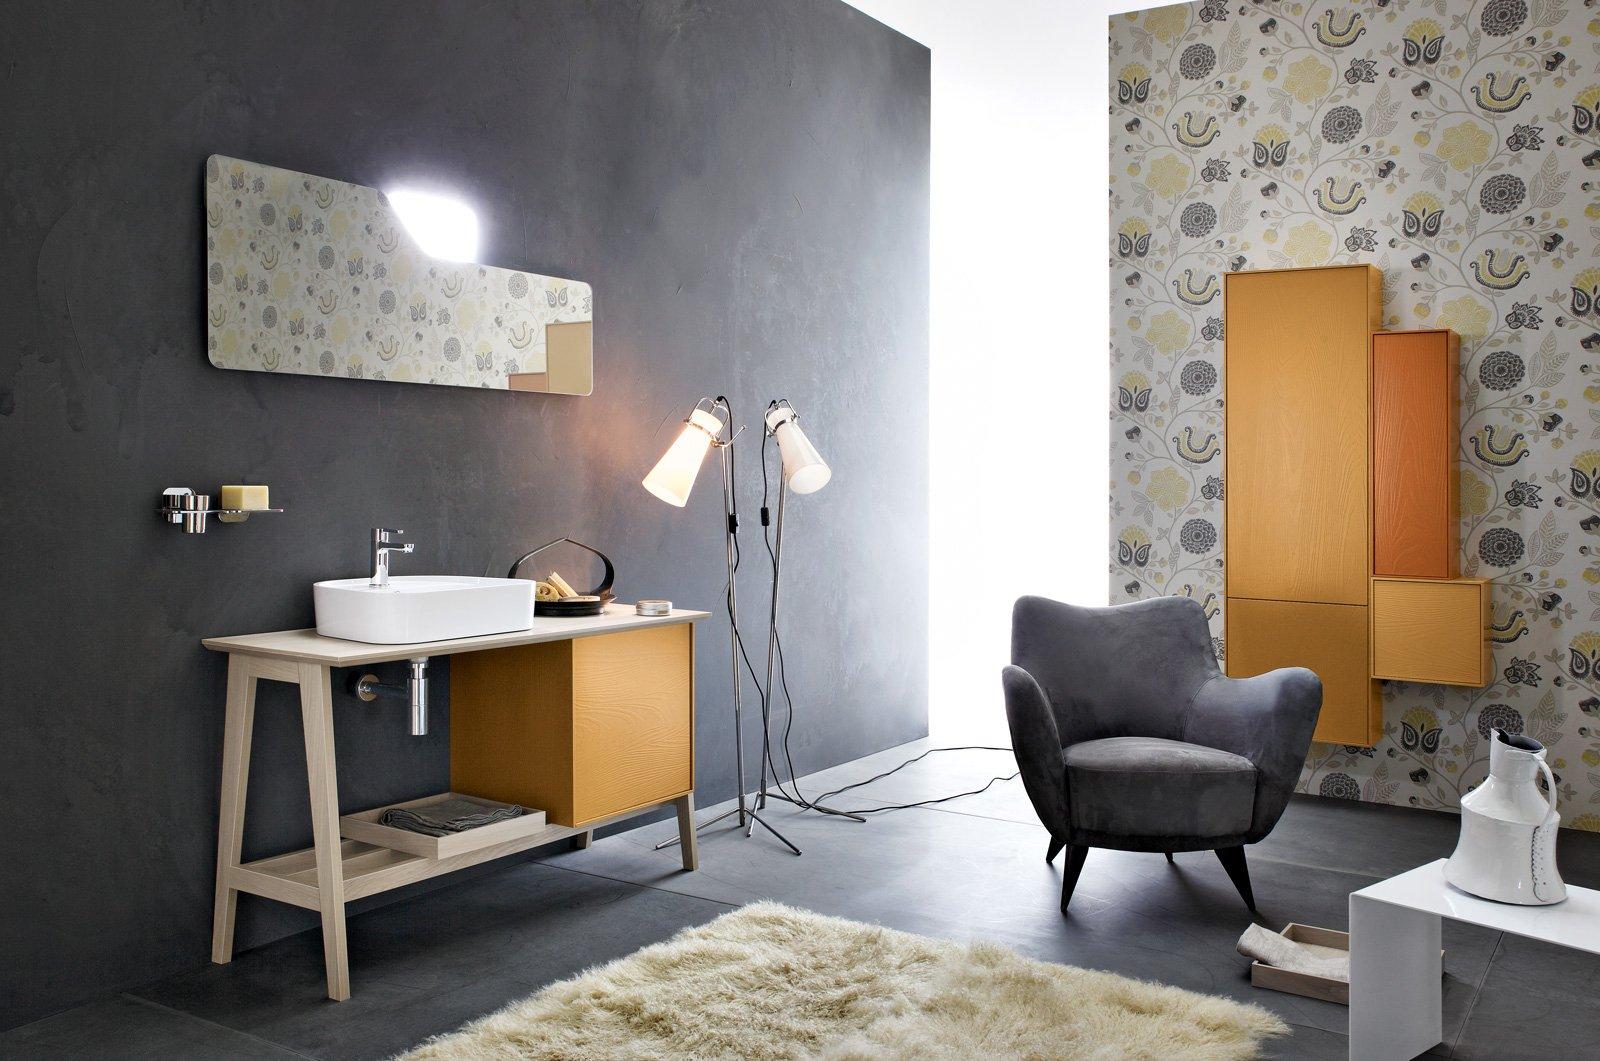 Cersaie 2015 i nuovi mobili per l 39 arredobagno cose di casa for Mobili bagno vintage